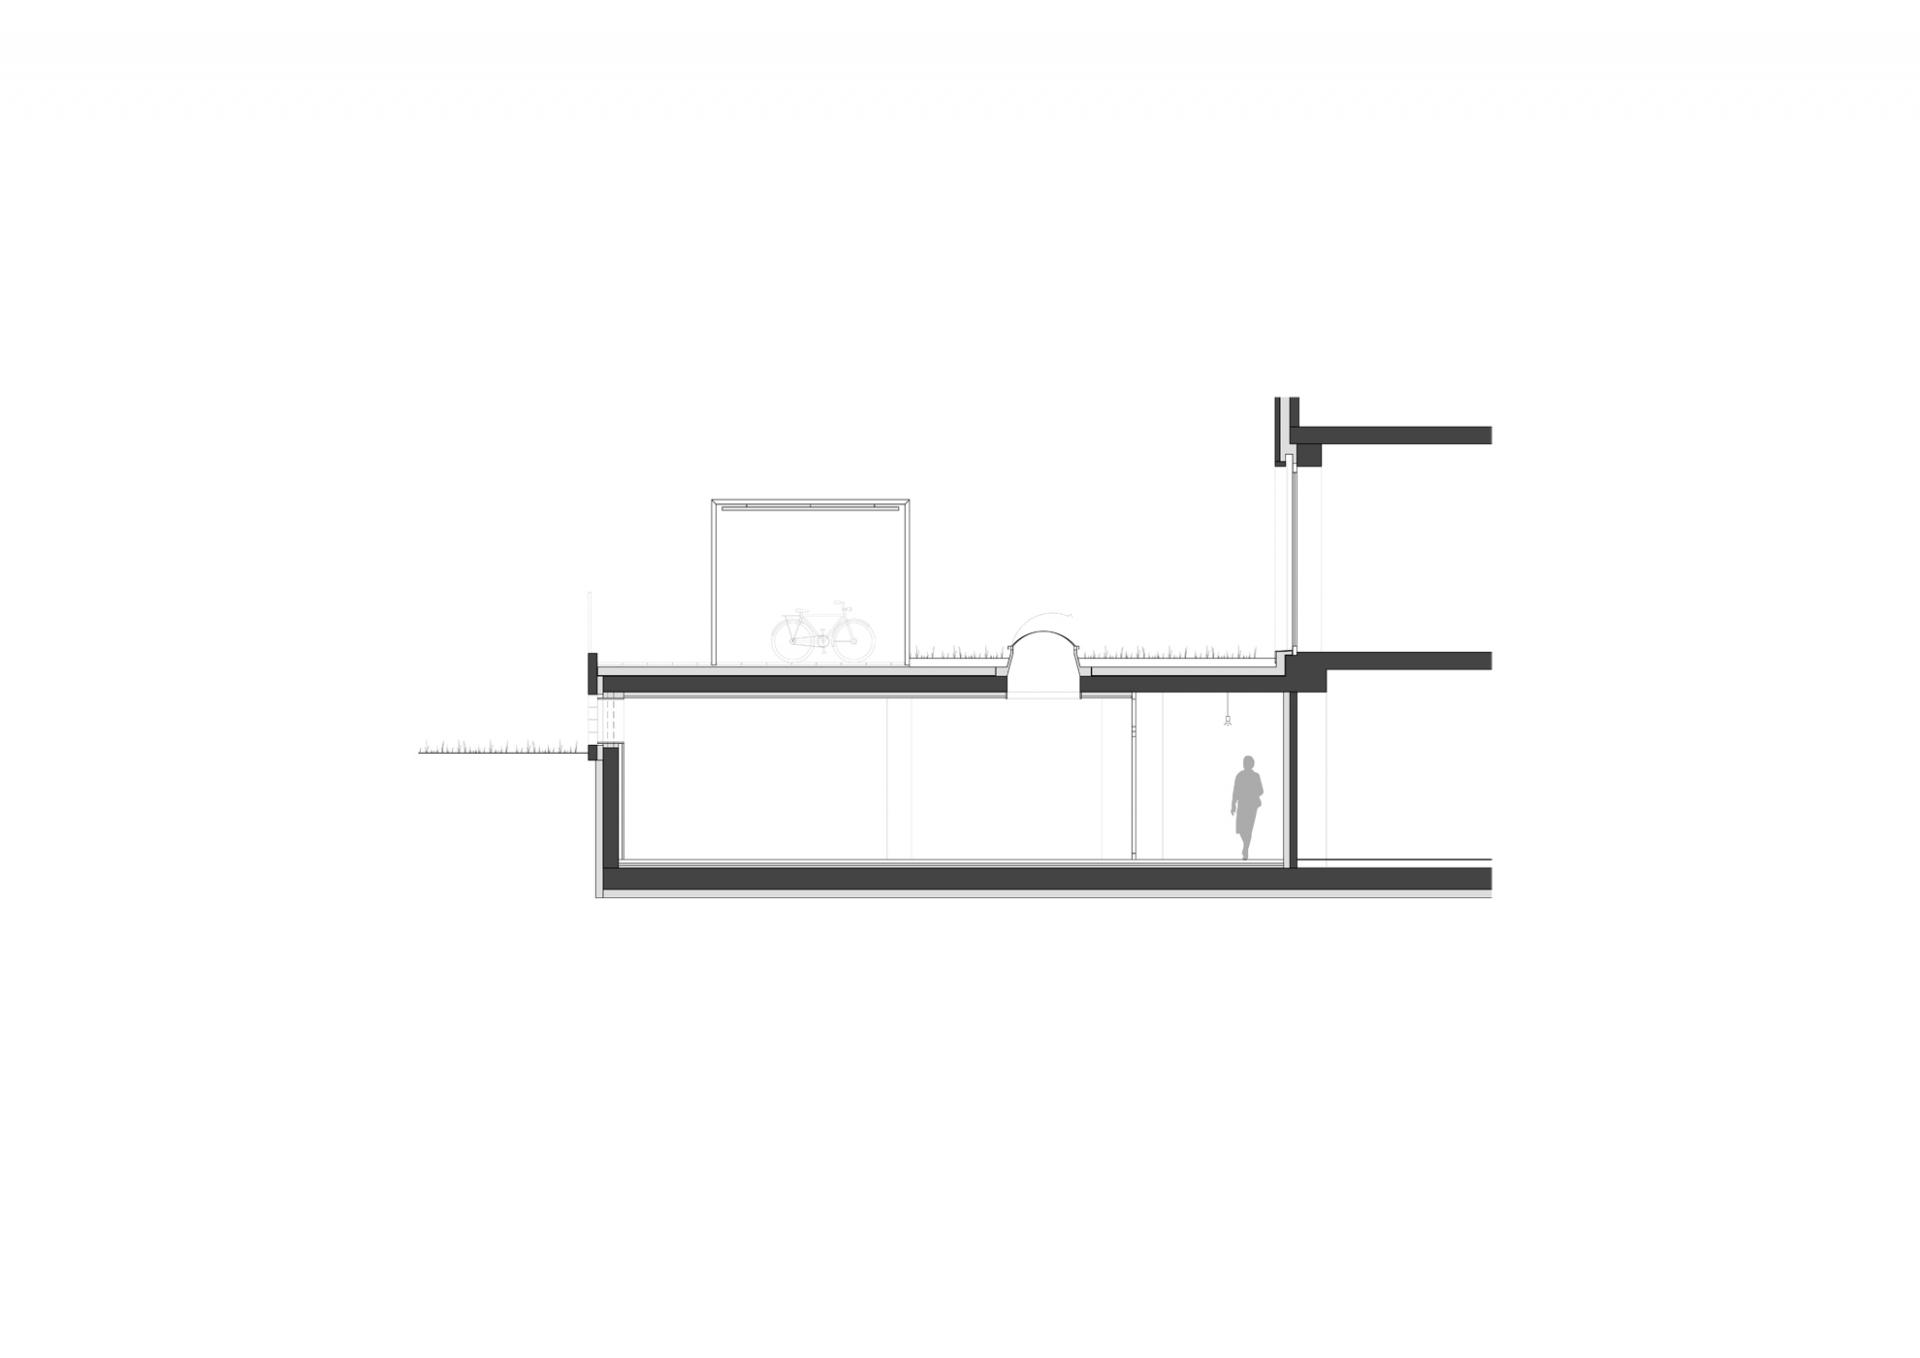 buan-architekten-umbau bueroraeume unterlachenstrasse-querschnitt